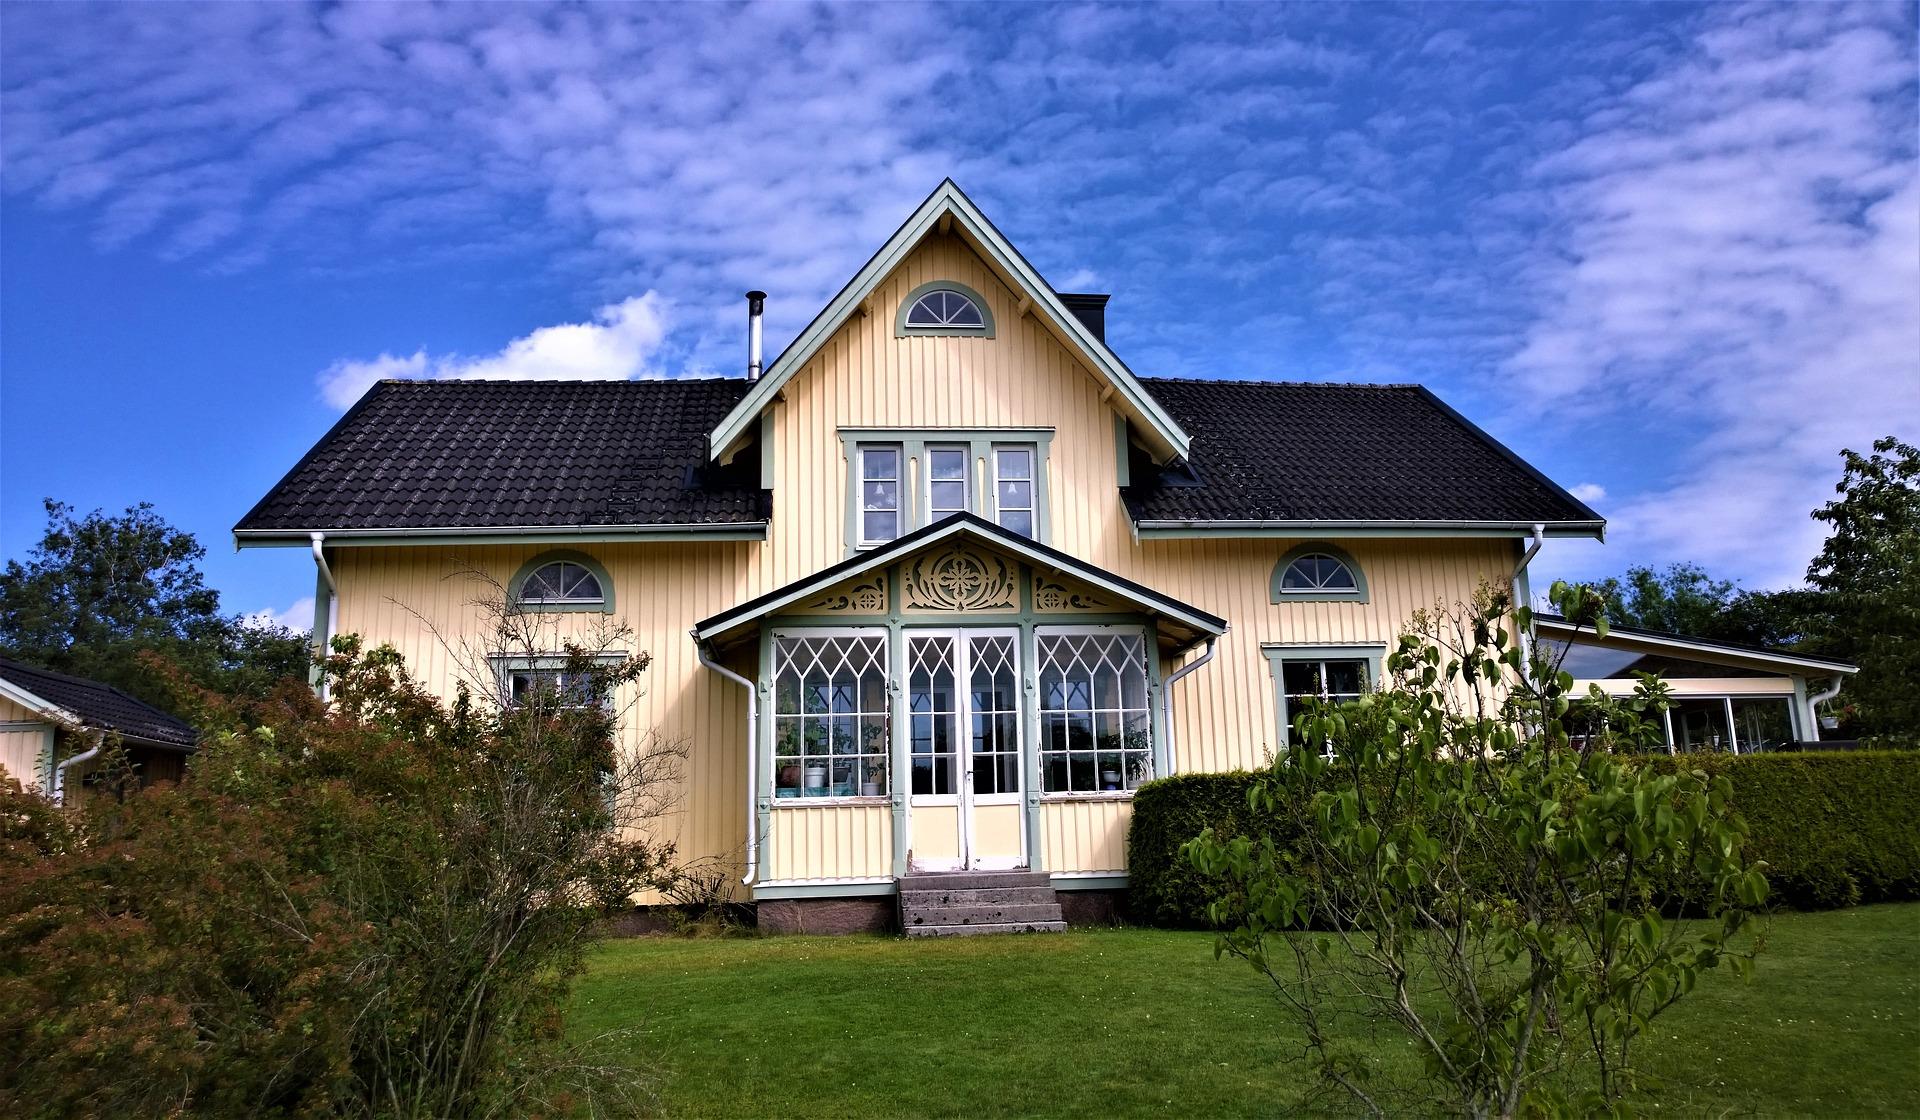 Fassadenverblendung aus Holz- Fassadensanierung in Halle, Leipzig und Umgebung